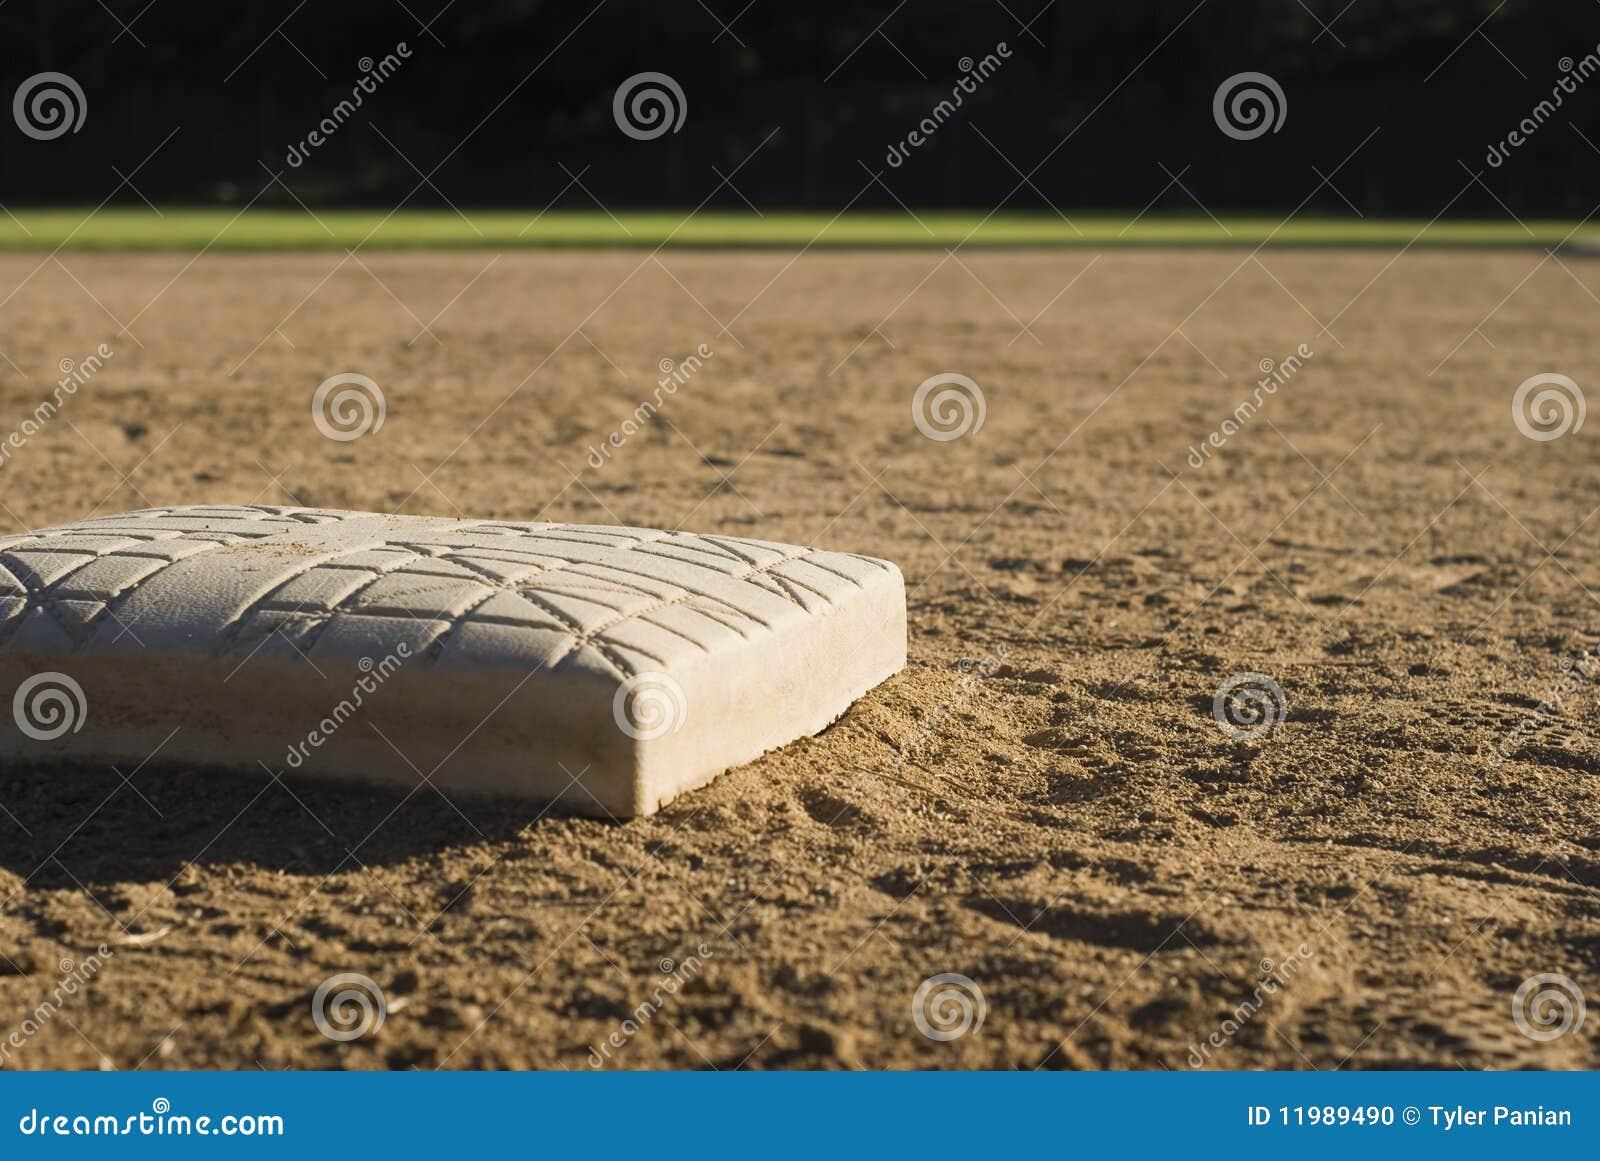 Podstawowy baseball